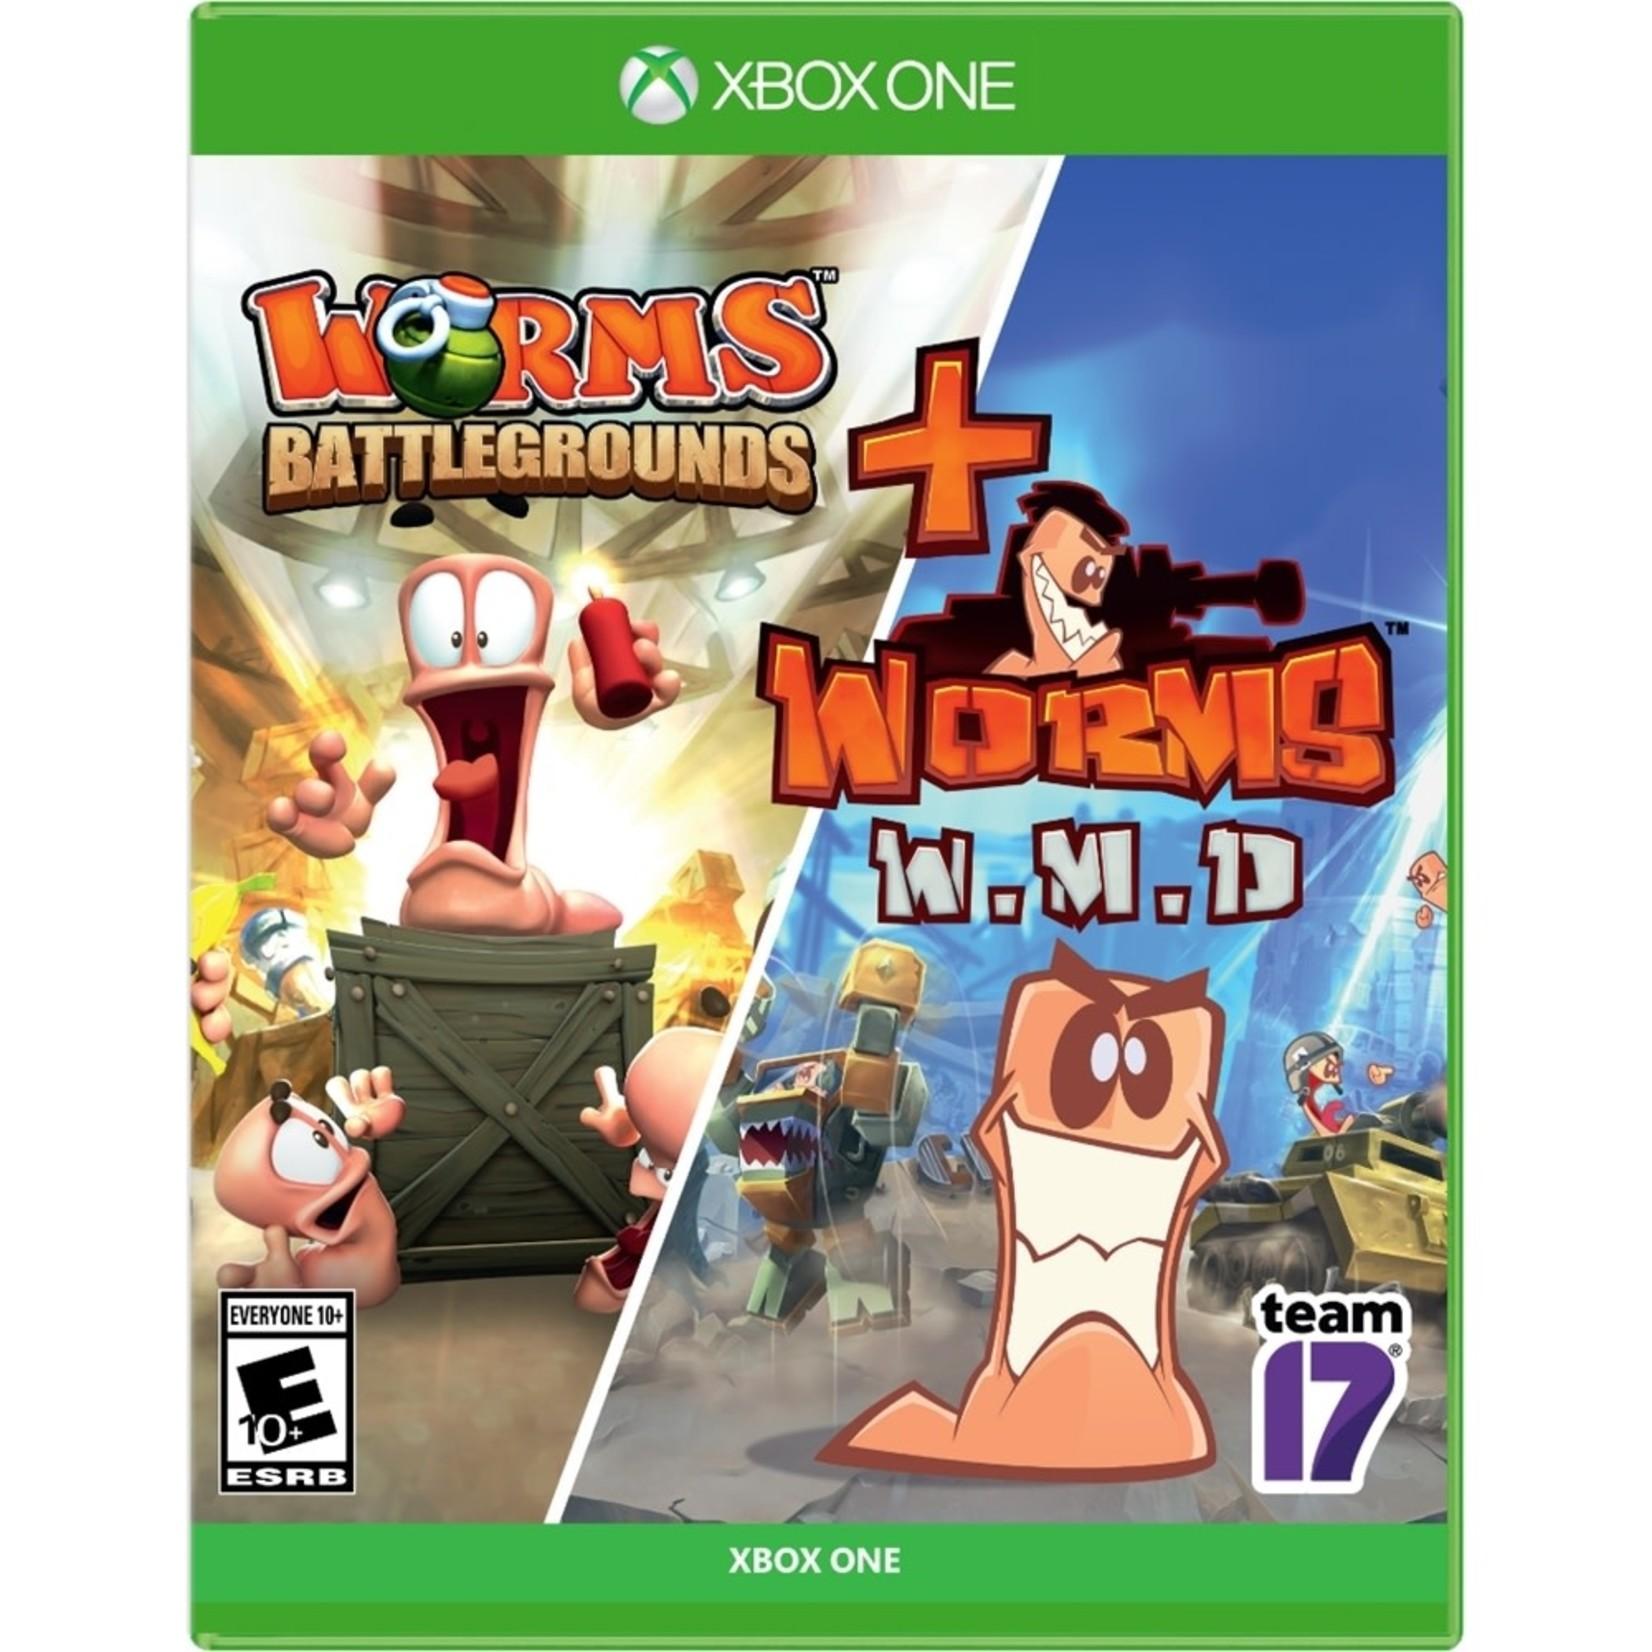 XB1-Worms Battleground + Worms W.M.D